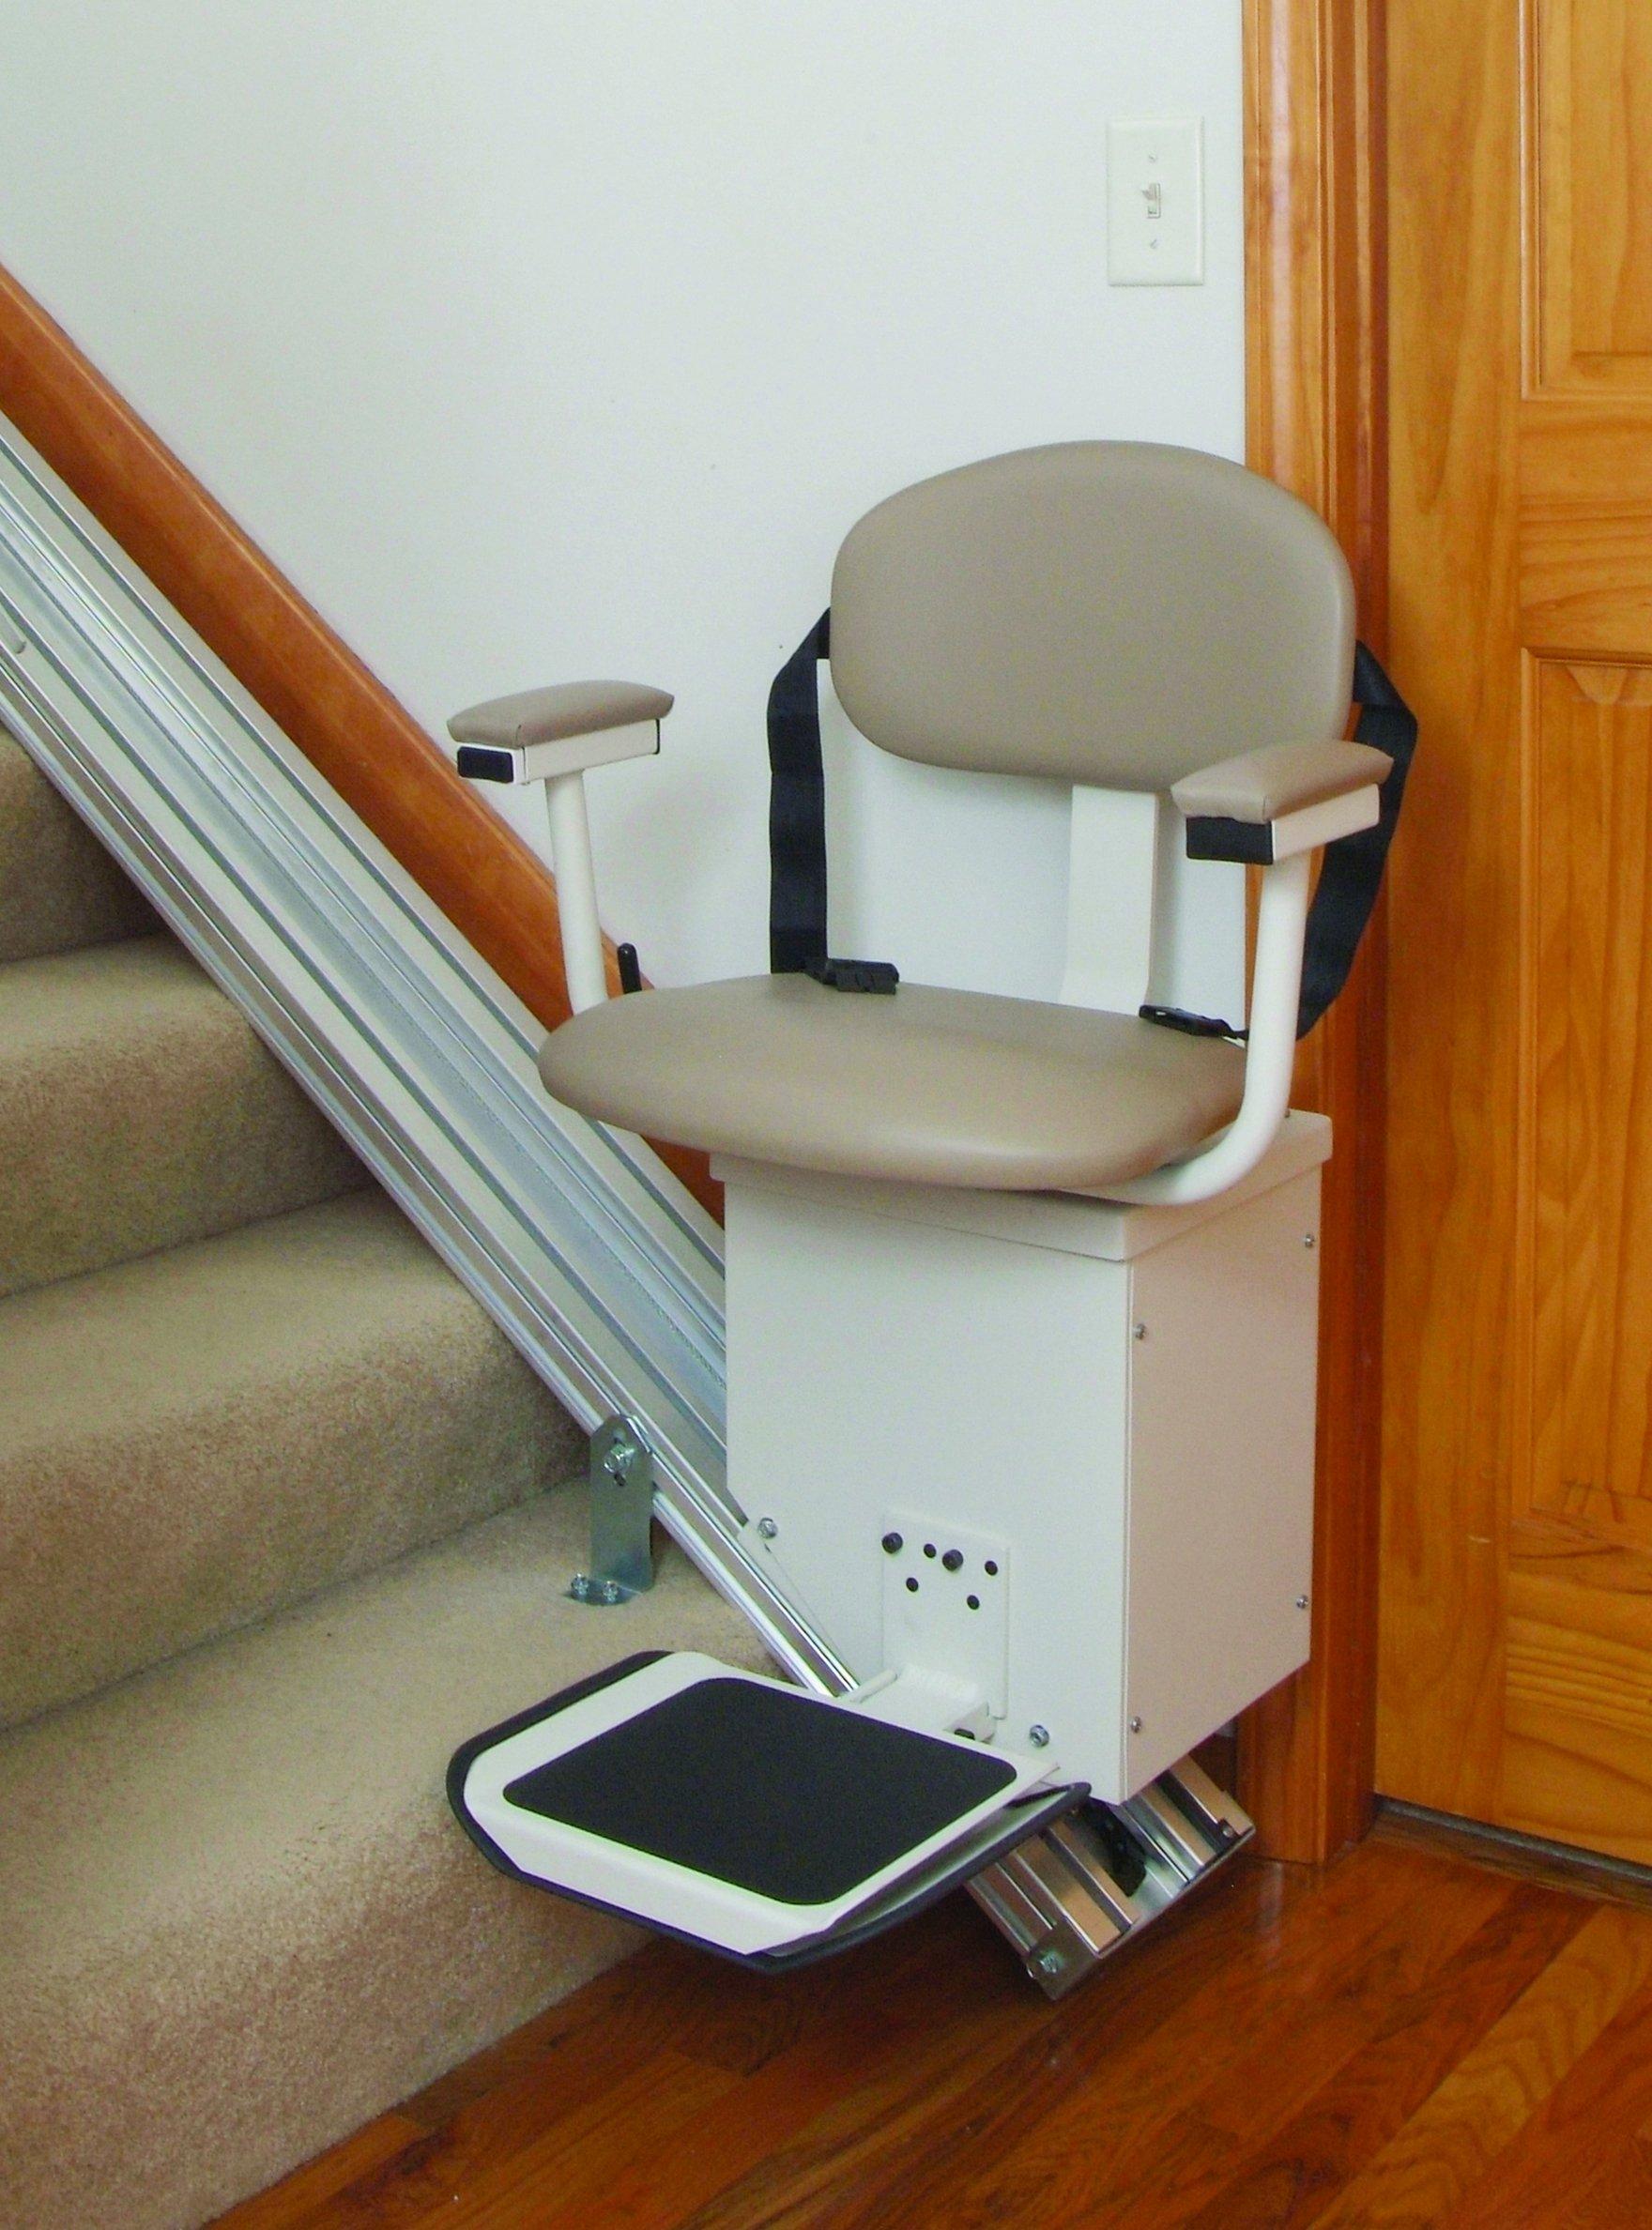 Stair Lift w/ Lifetime Warranty on Motor & Drivetrain by Harmar